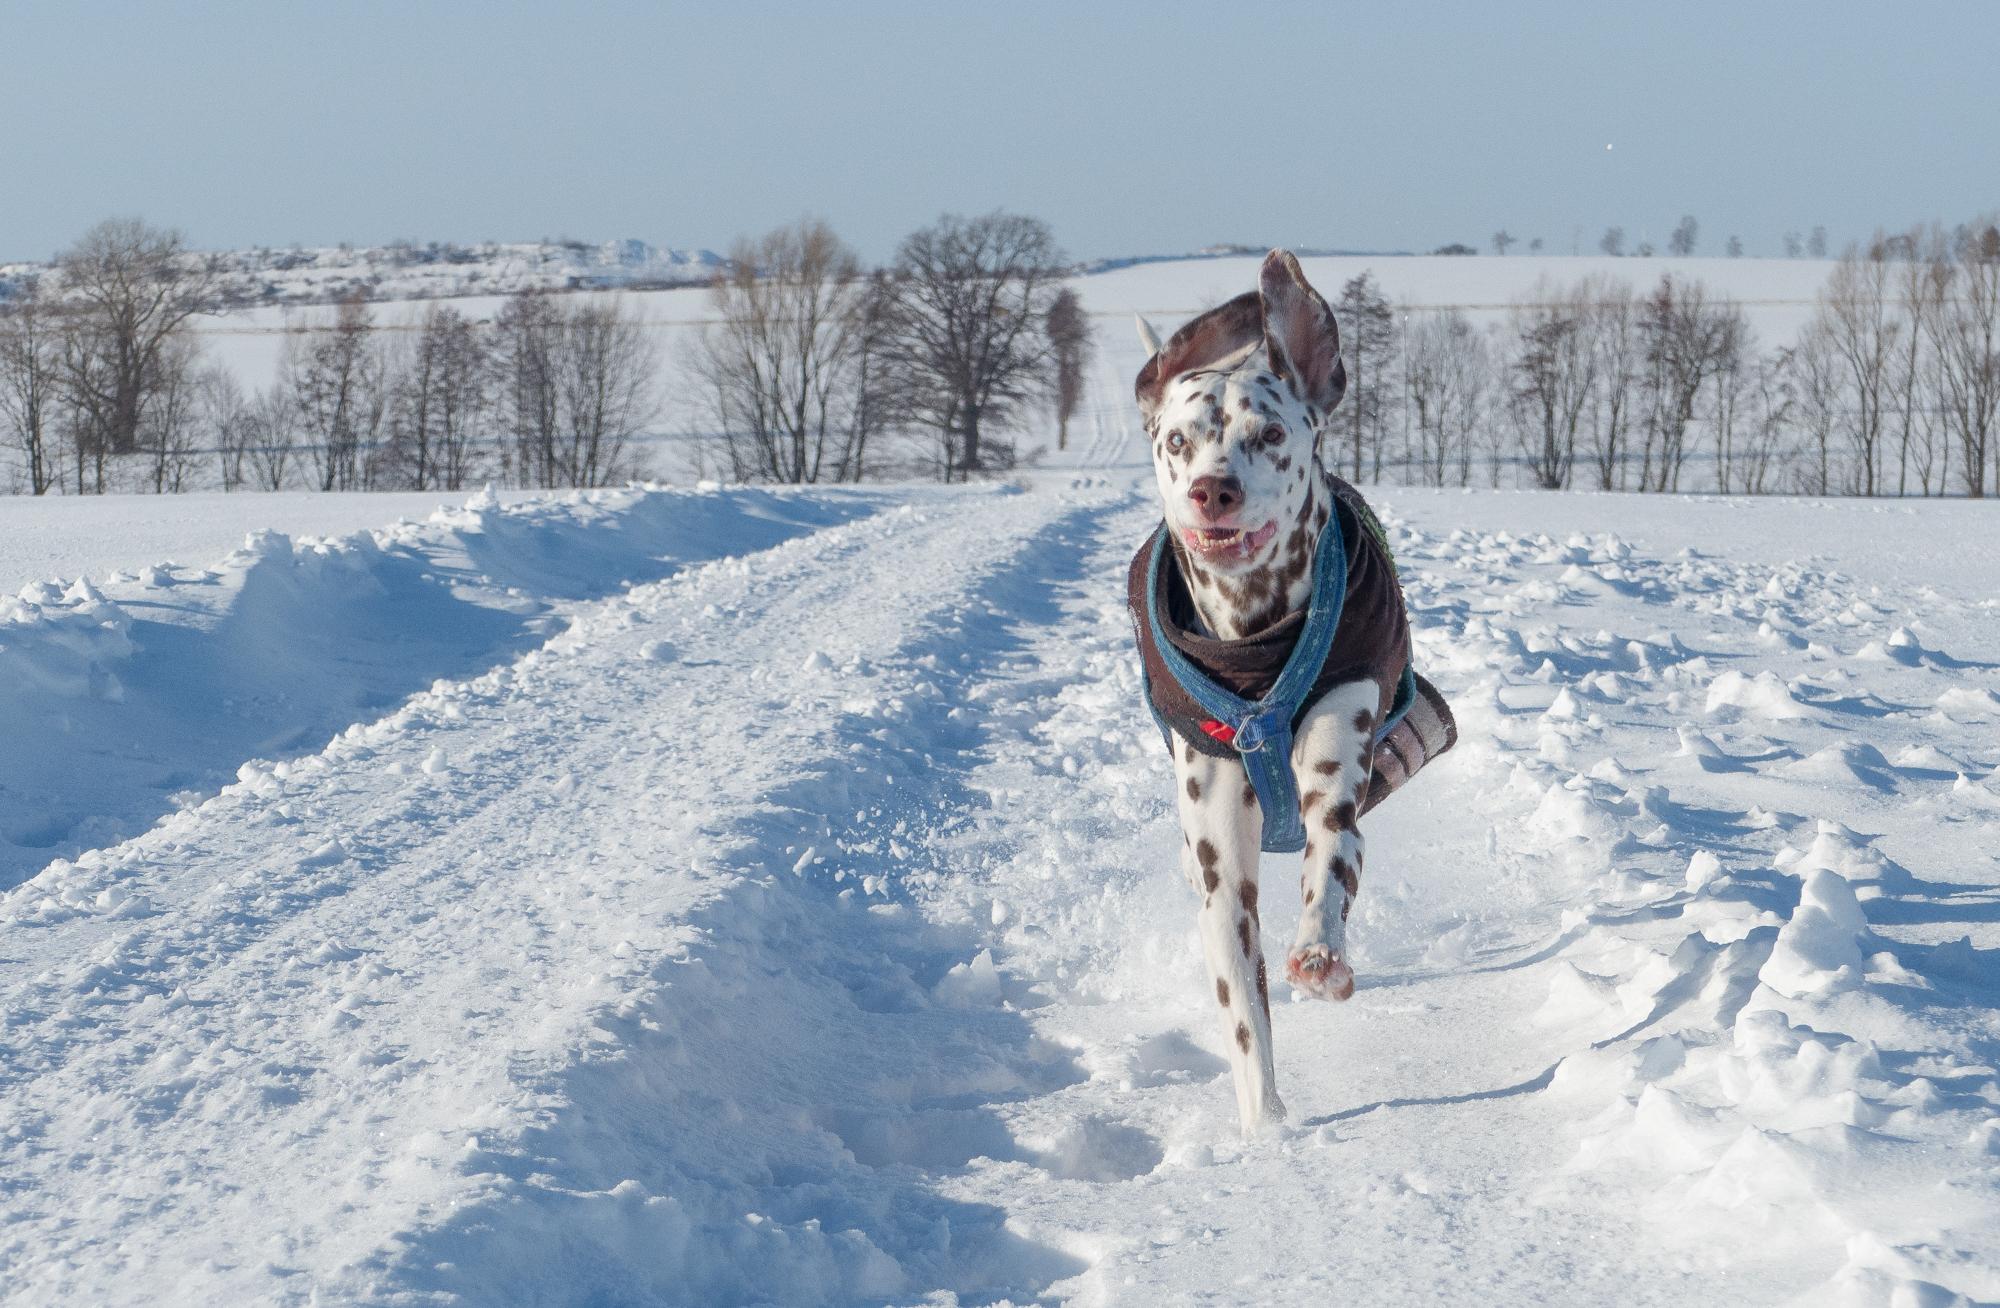 lucky hund rennt im schnee